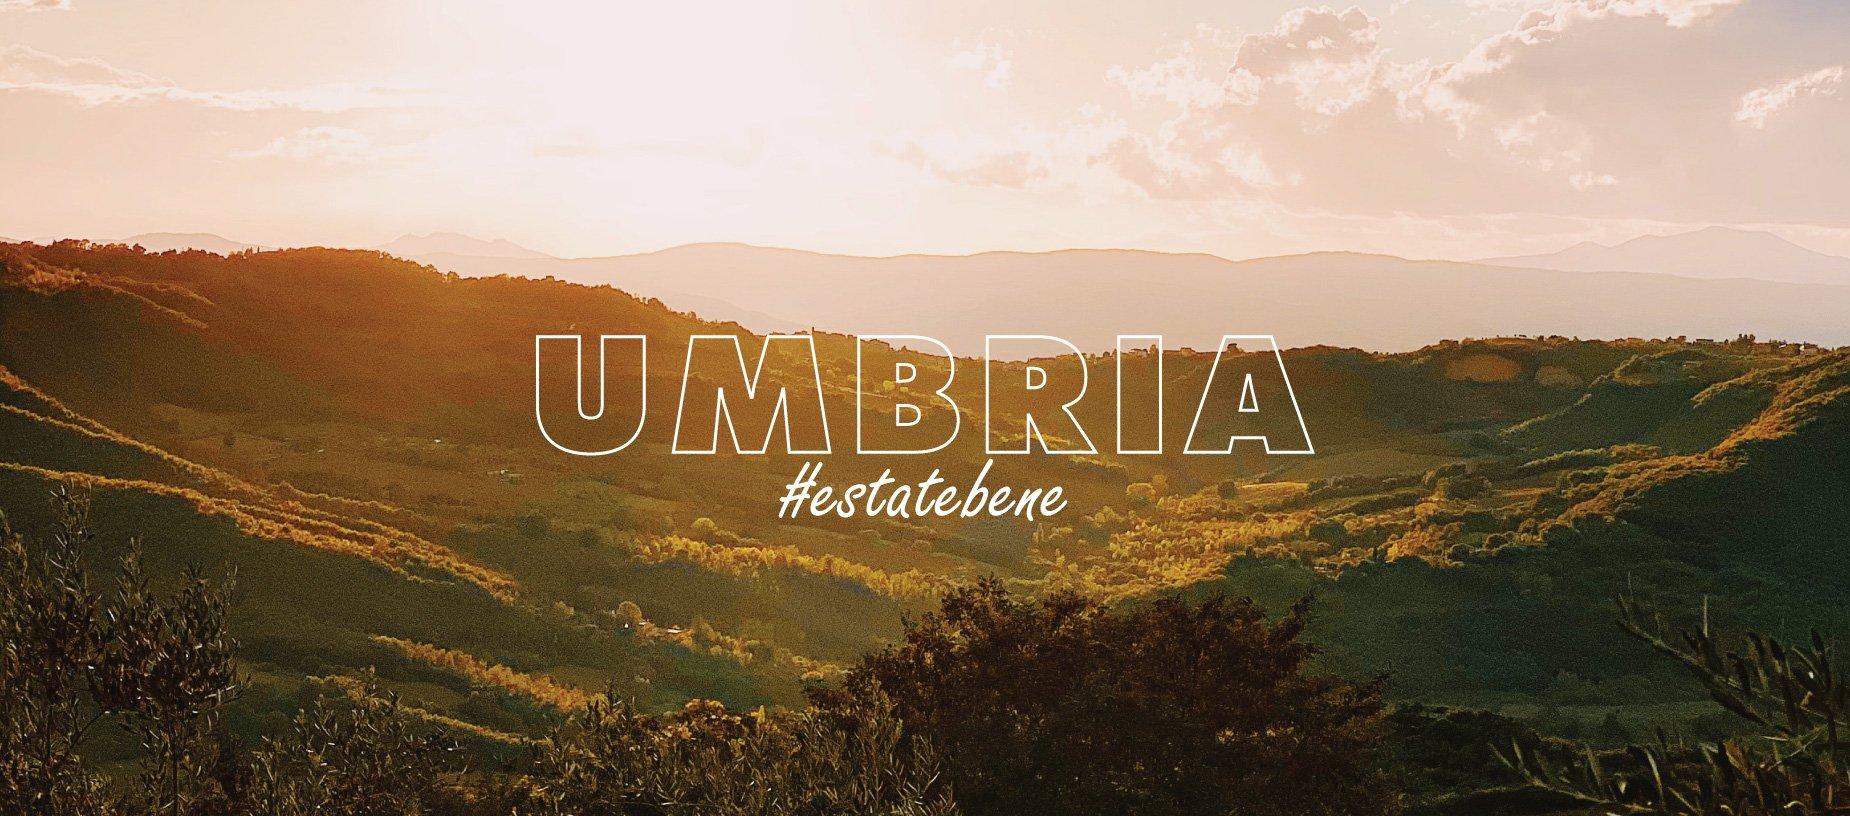 Umbria #EStateBene. Lasciarsi alle spalle tutto e riscoprire la vita.